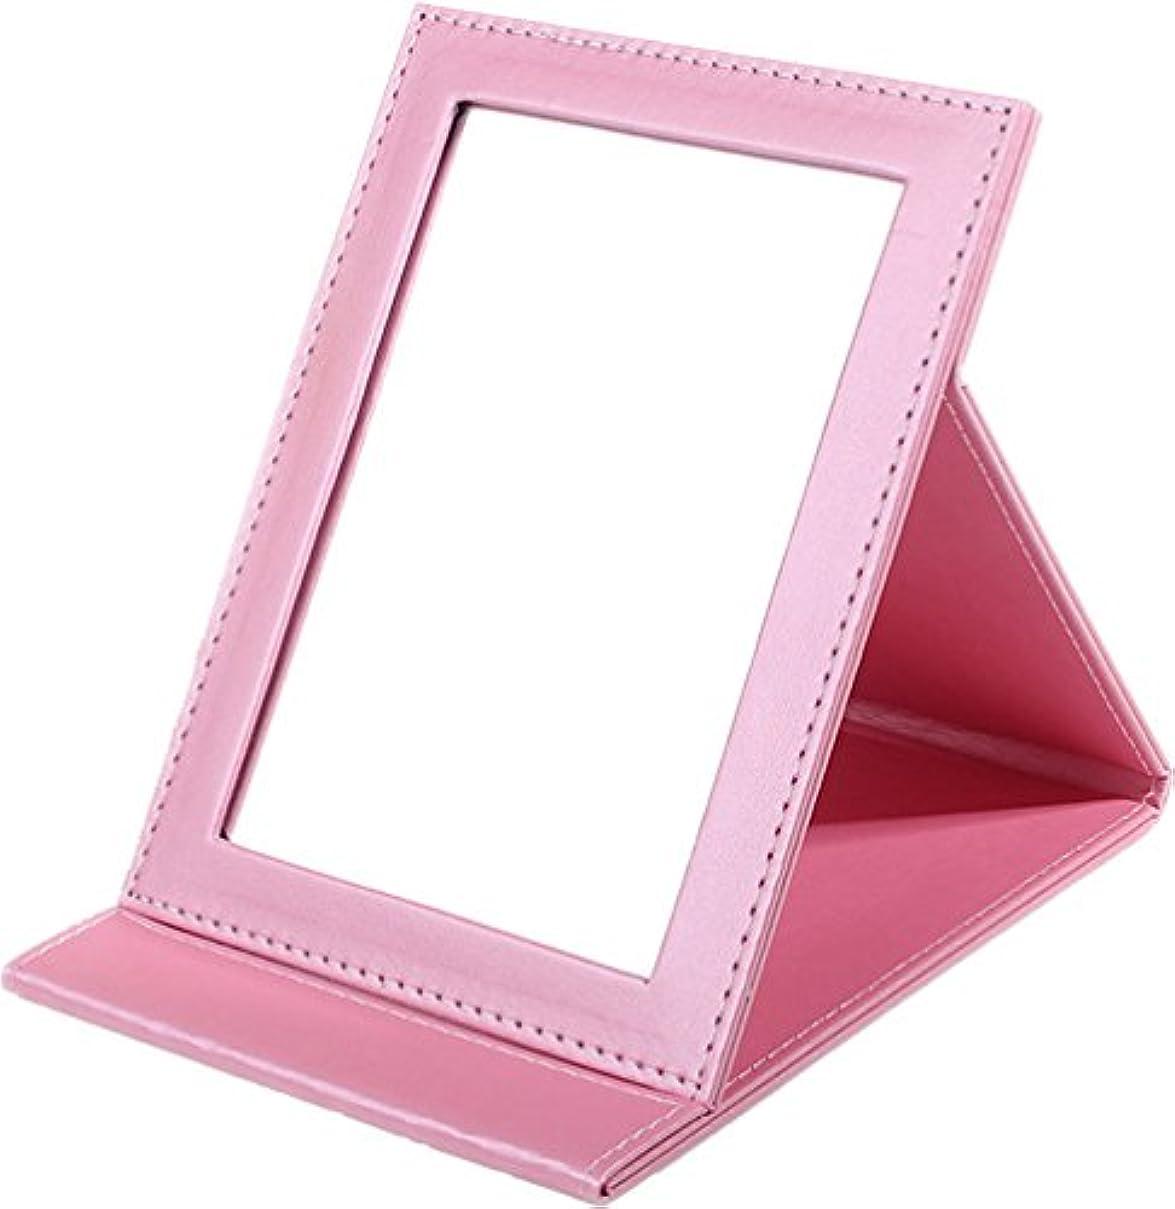 汚染された窒素引退するSunset House 折りたたみミラー レザー 鏡 ピンク 小 中 大 3サイズ (M)